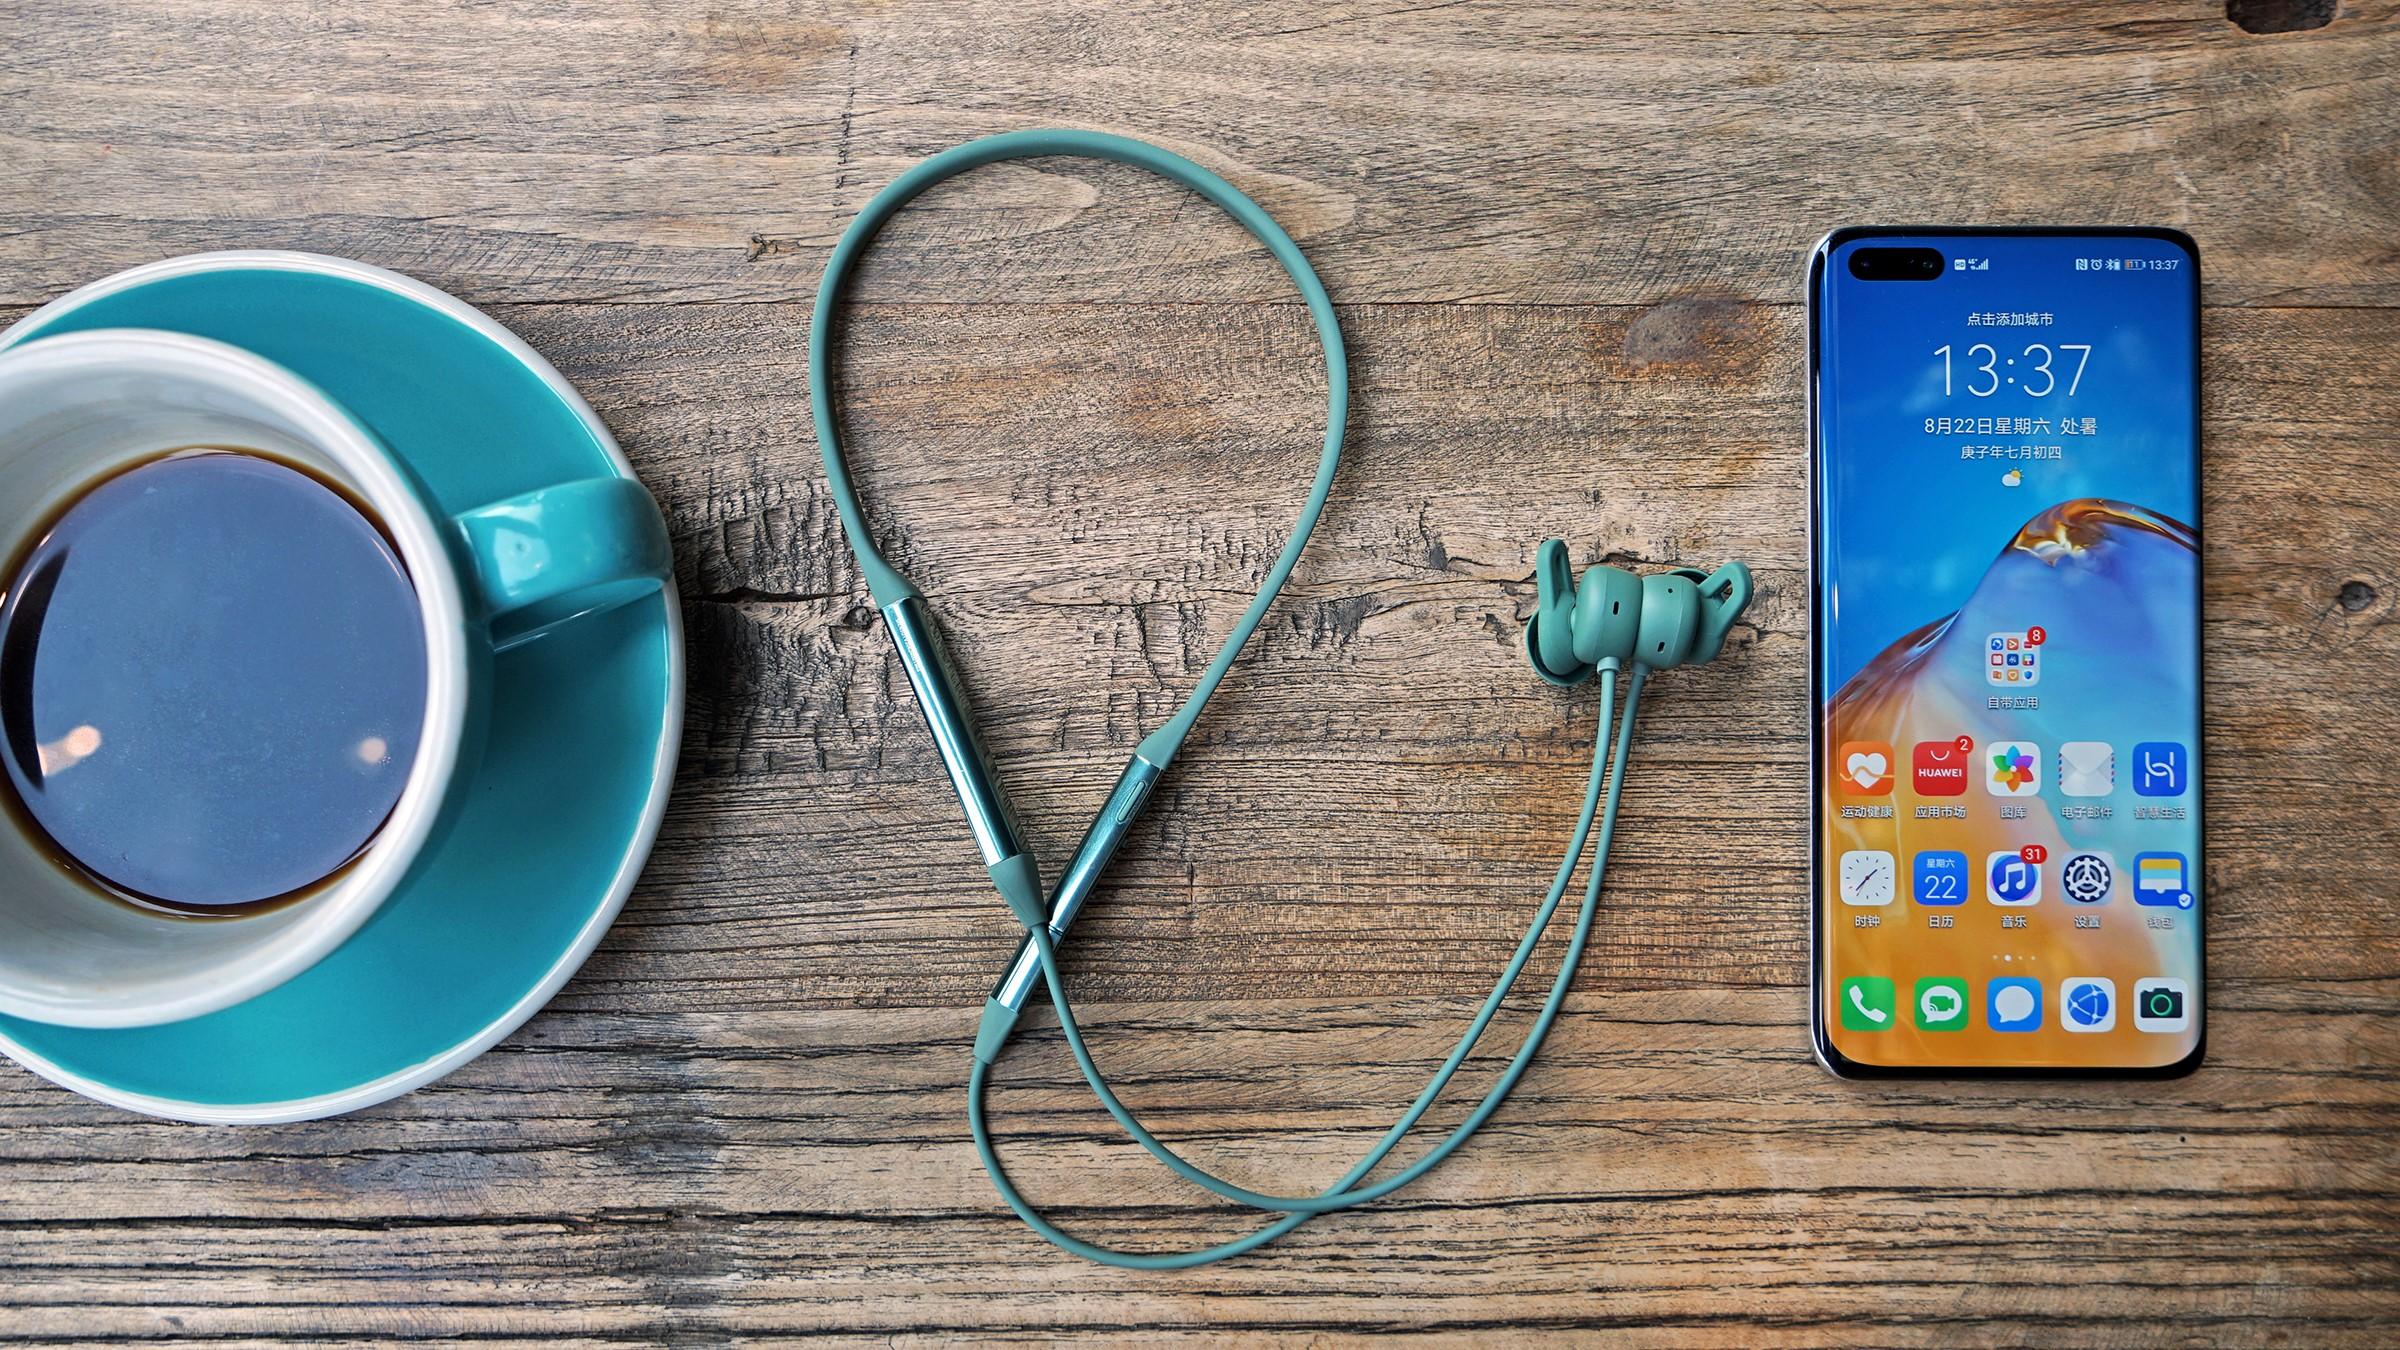 入耳式+动态降噪!华为音频旗舰FreeBuds Pro将发布